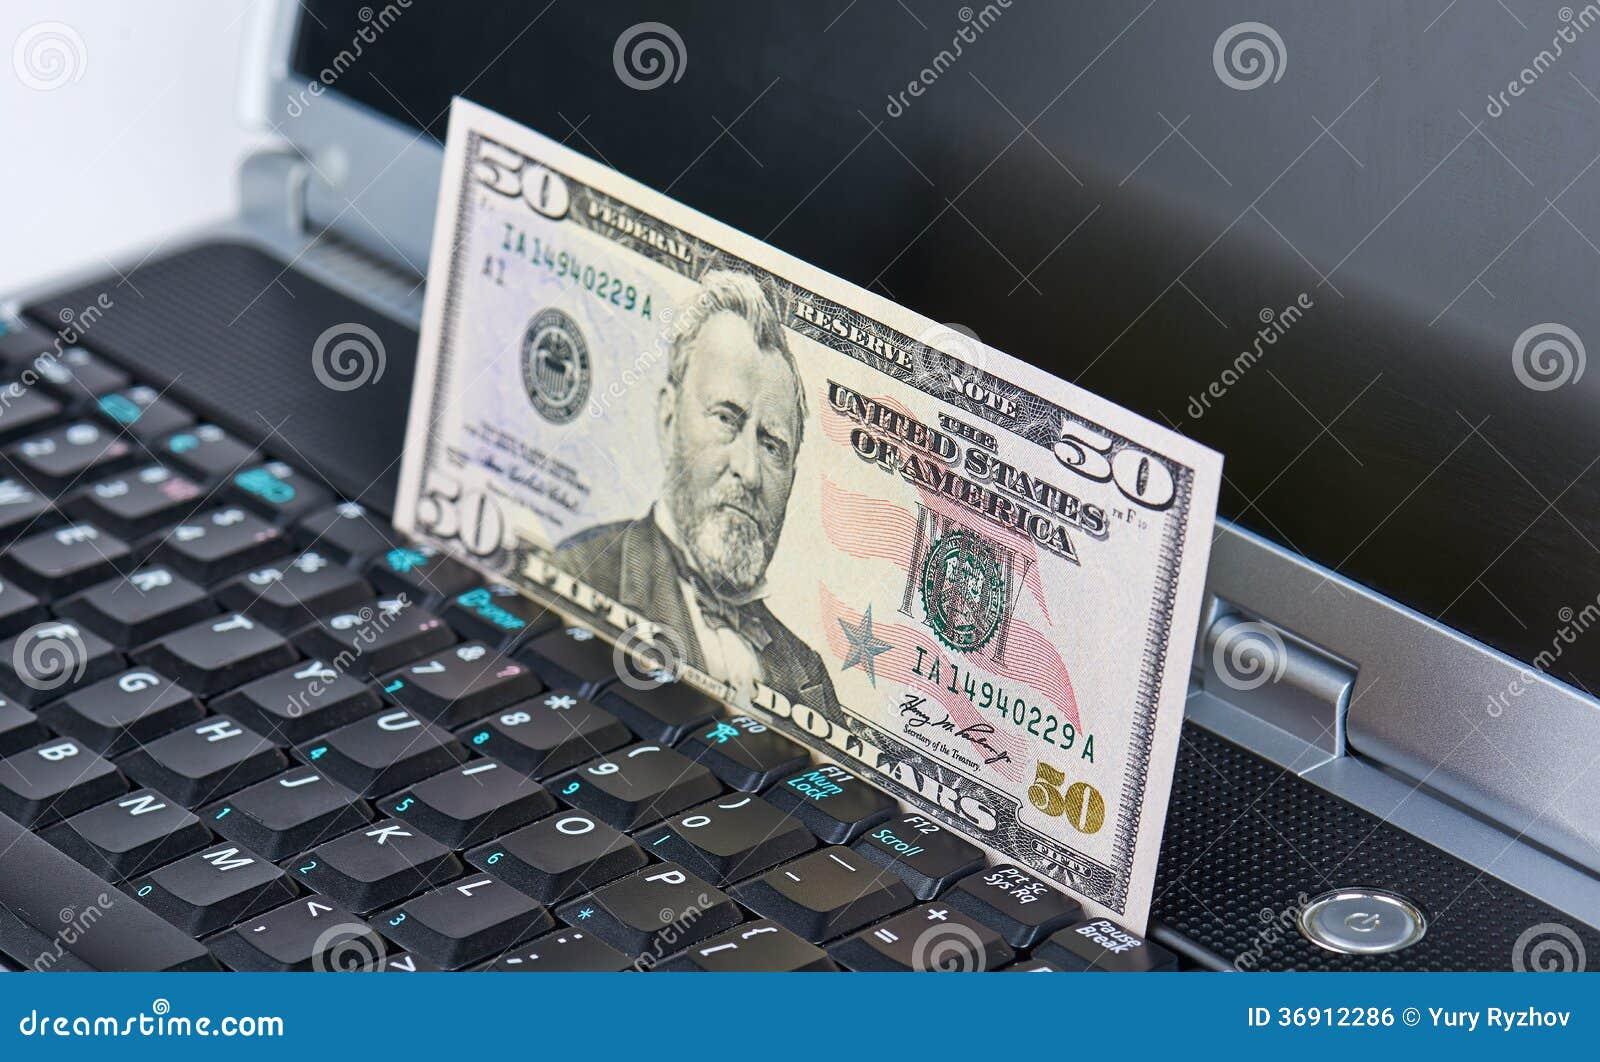 how to receive the e transefer money